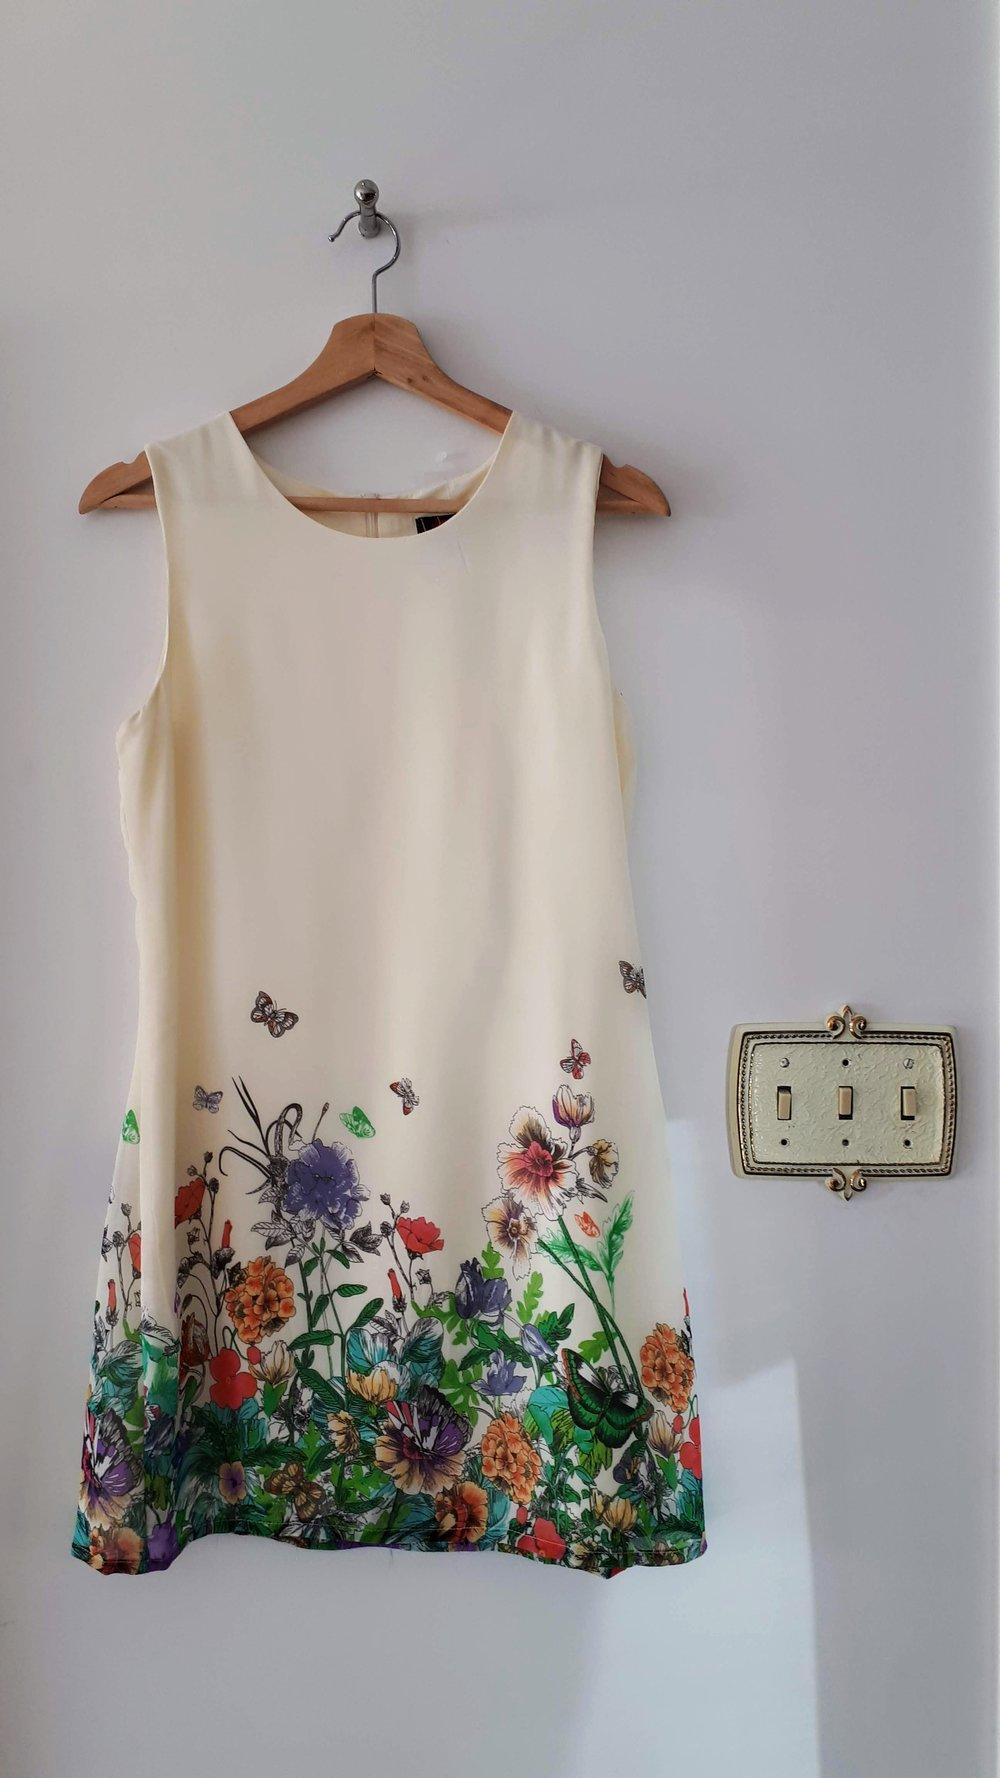 Yumi dress; Size S, $45